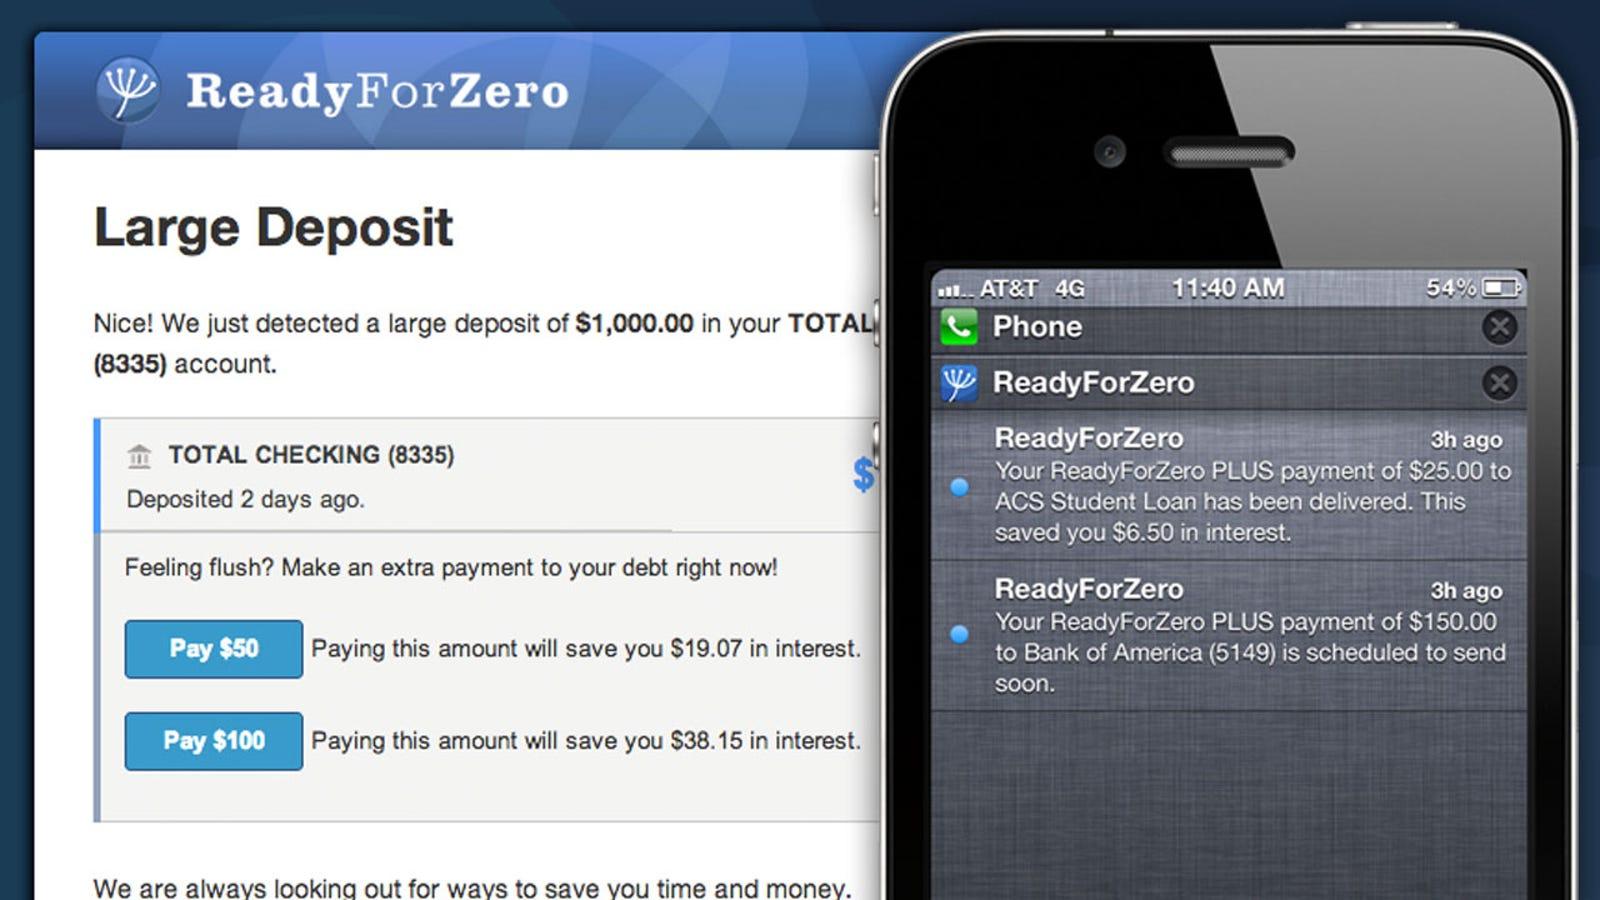 readyforzero calculates your optimal debt reduction plan